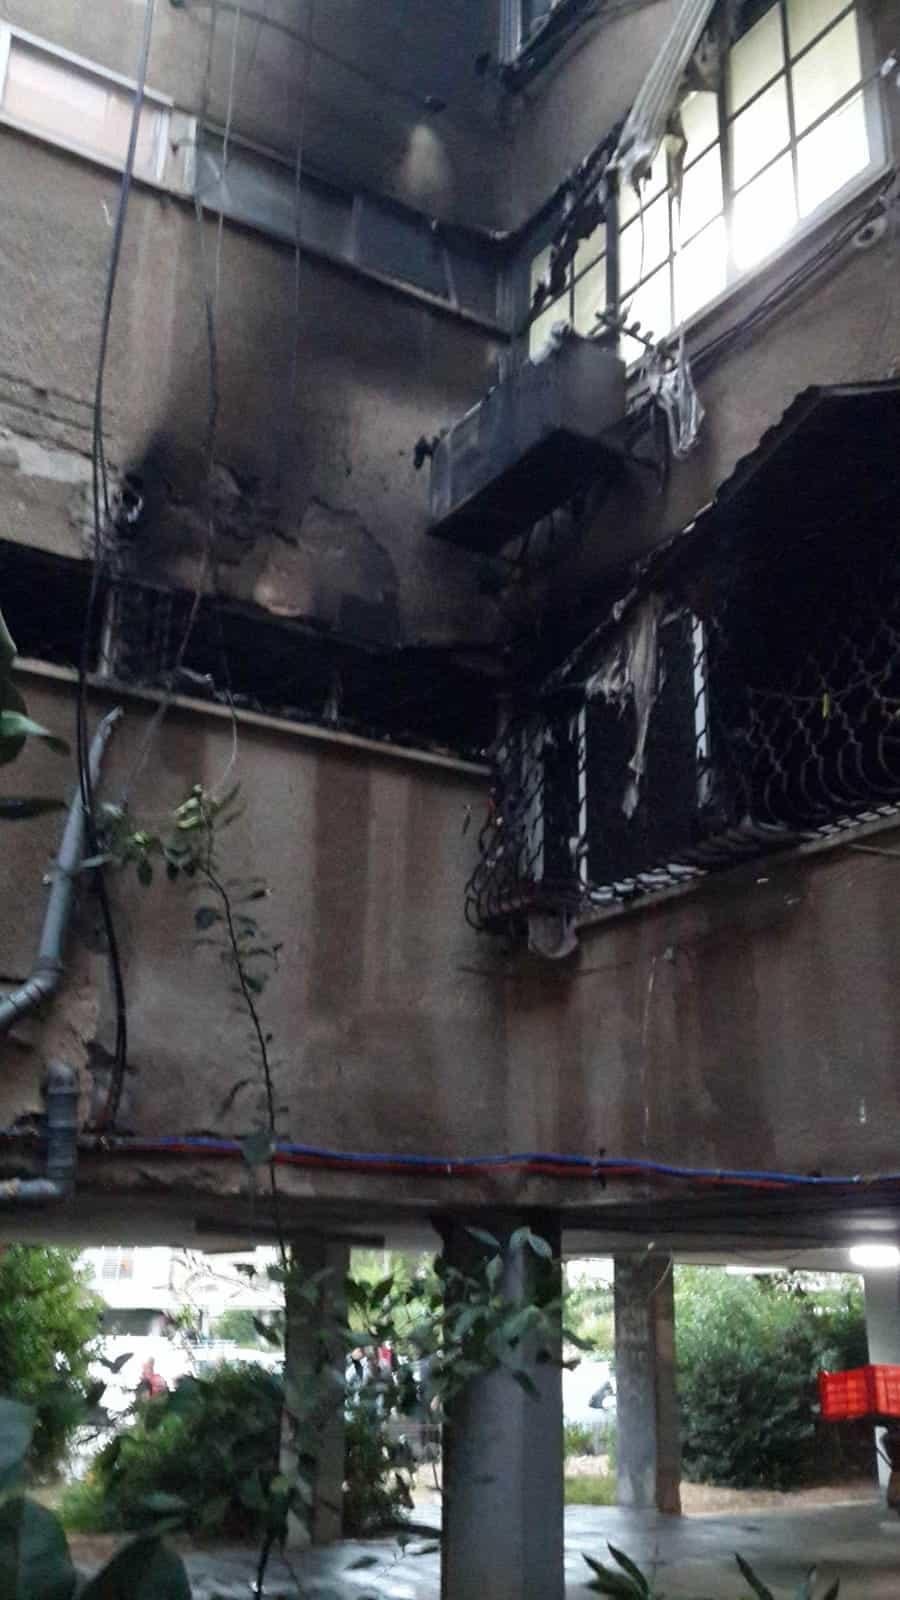 שריפה ברחוב הטייסים, צילום: באדיבות דוברות לוחמי האש חולון